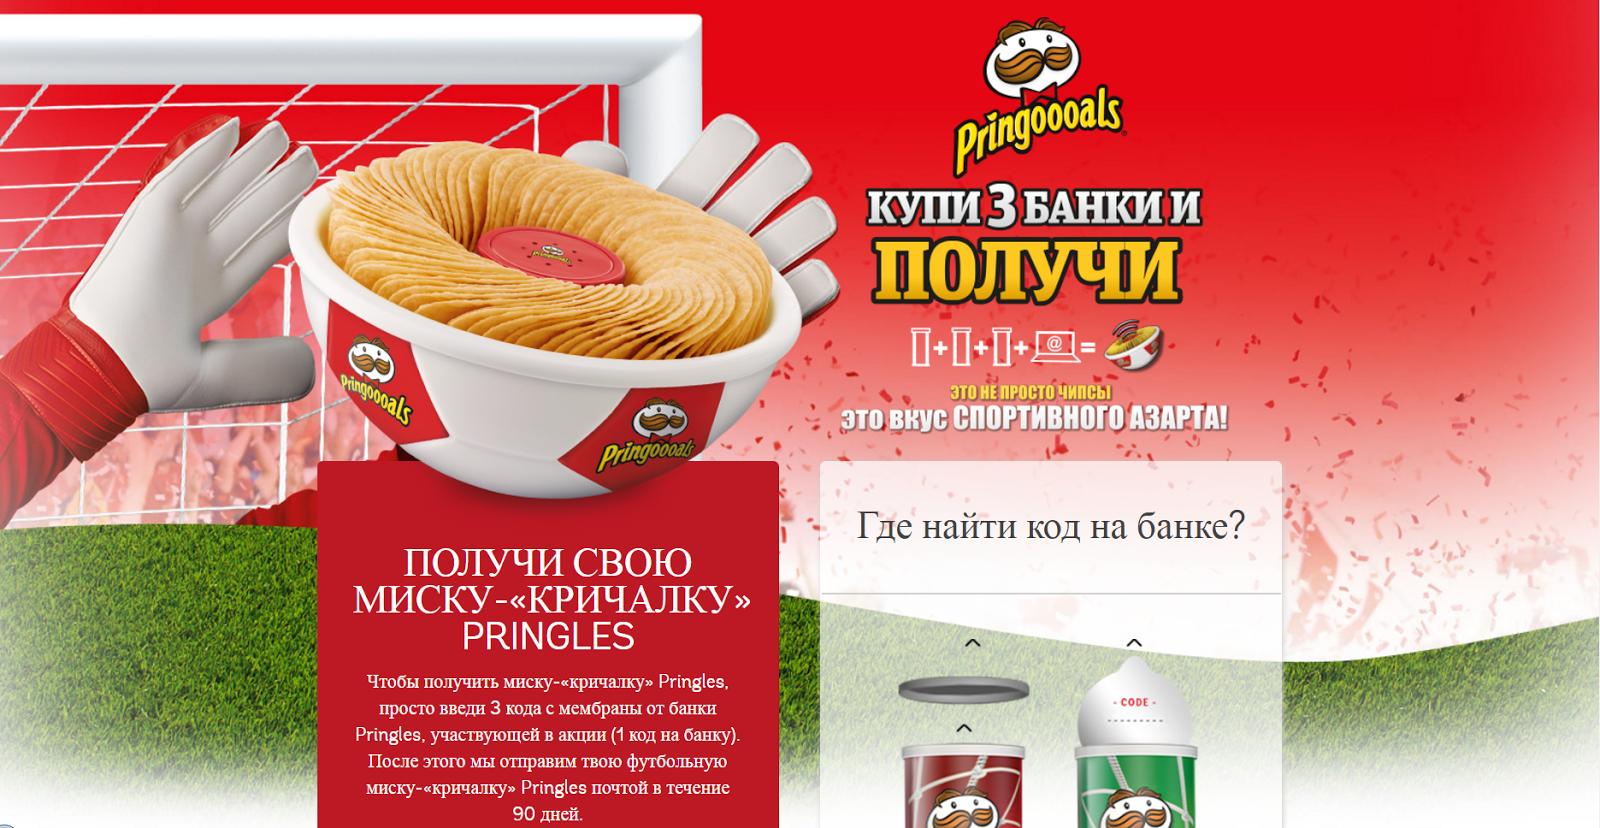 Беспроводной динамик от Pringles Отзывы покупателей 81